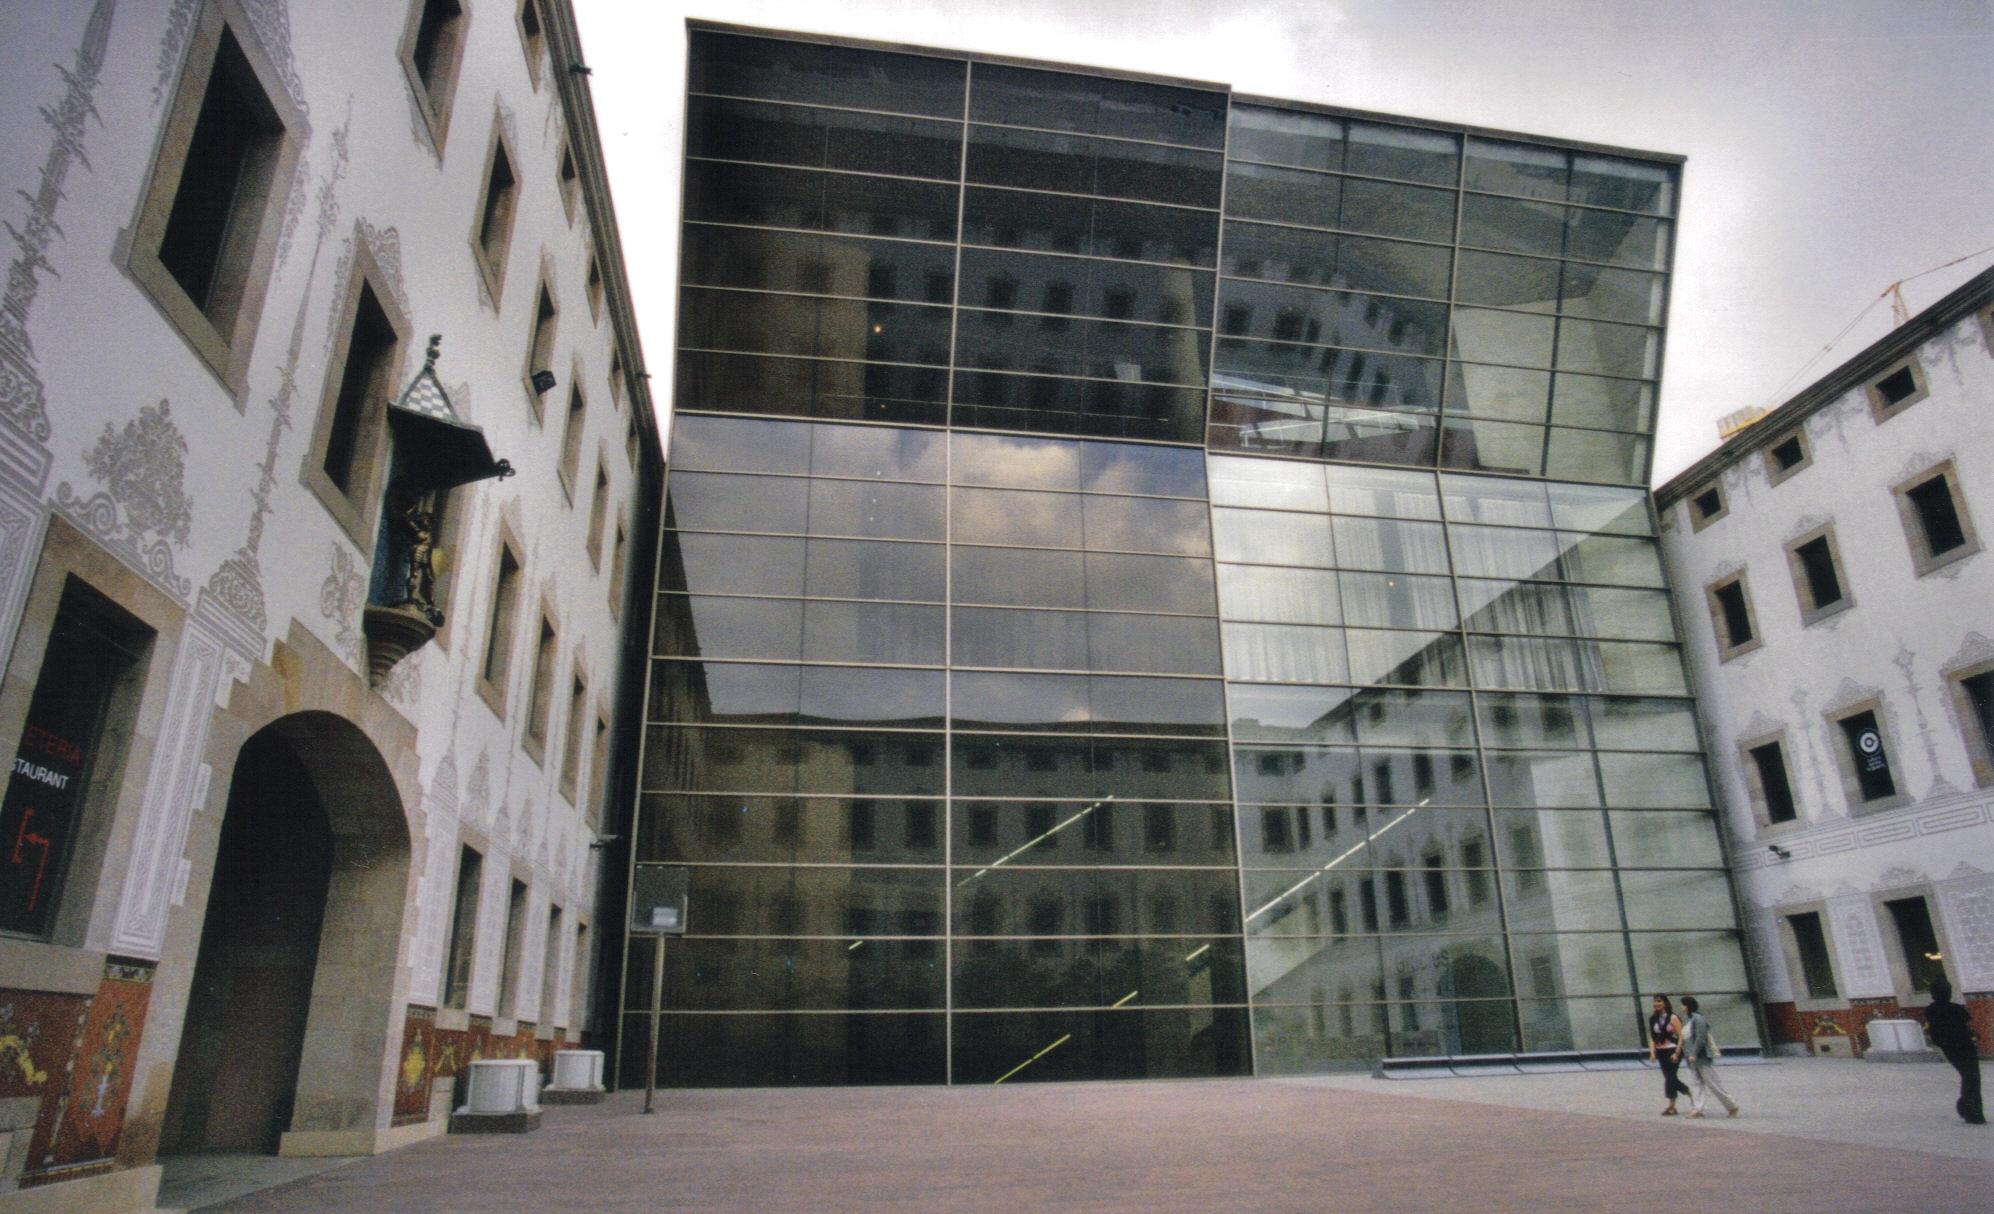 Musei gratuiti a barcellona il ganjanauta for Appartamenti al centro di barcellona